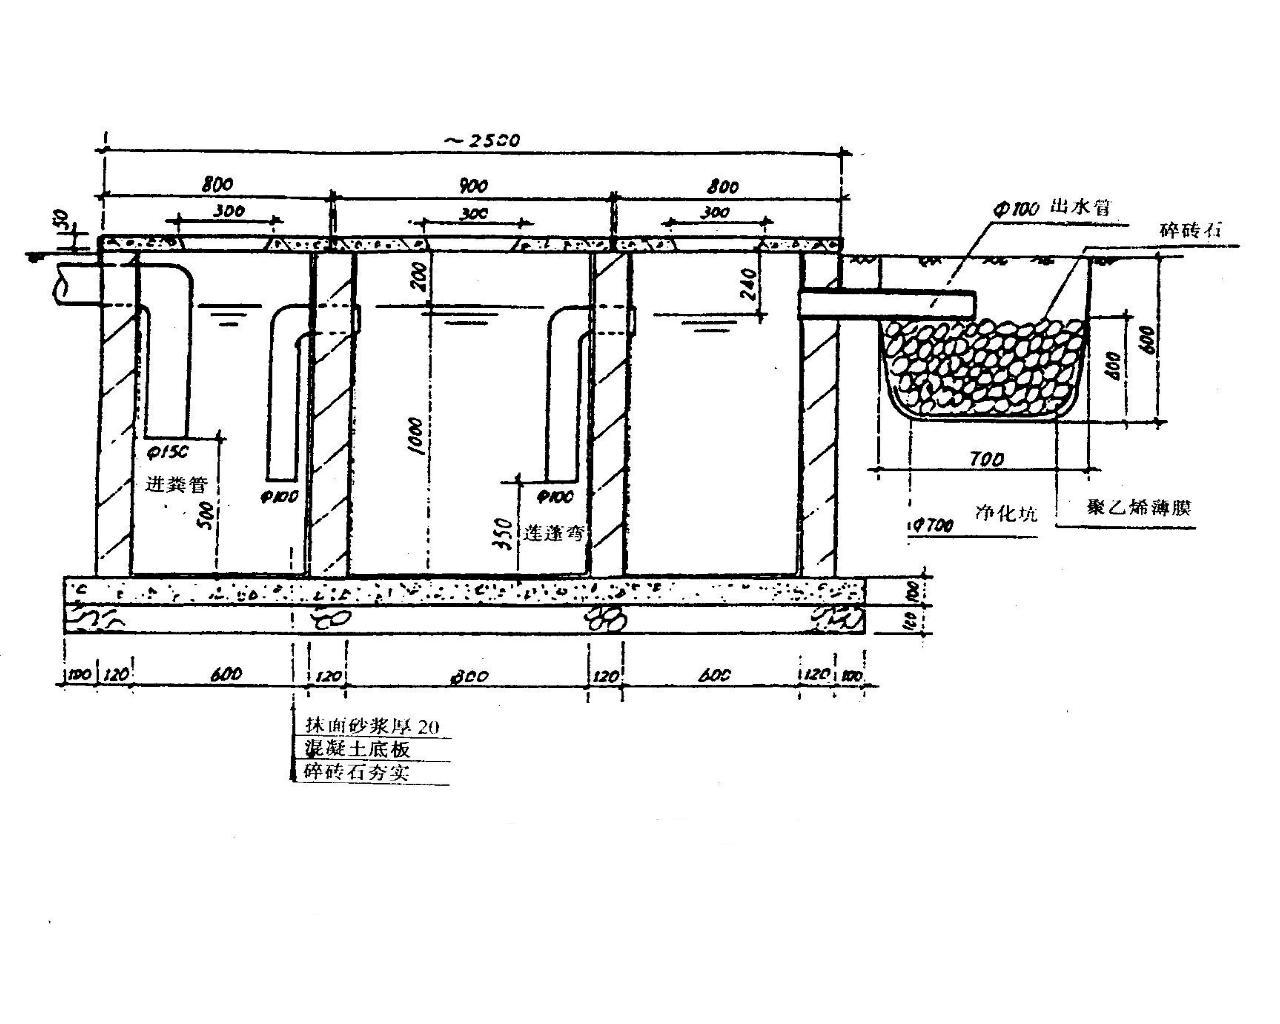 最新化粪池标准图集 13号化粪池标准图集 混凝土化粪池标